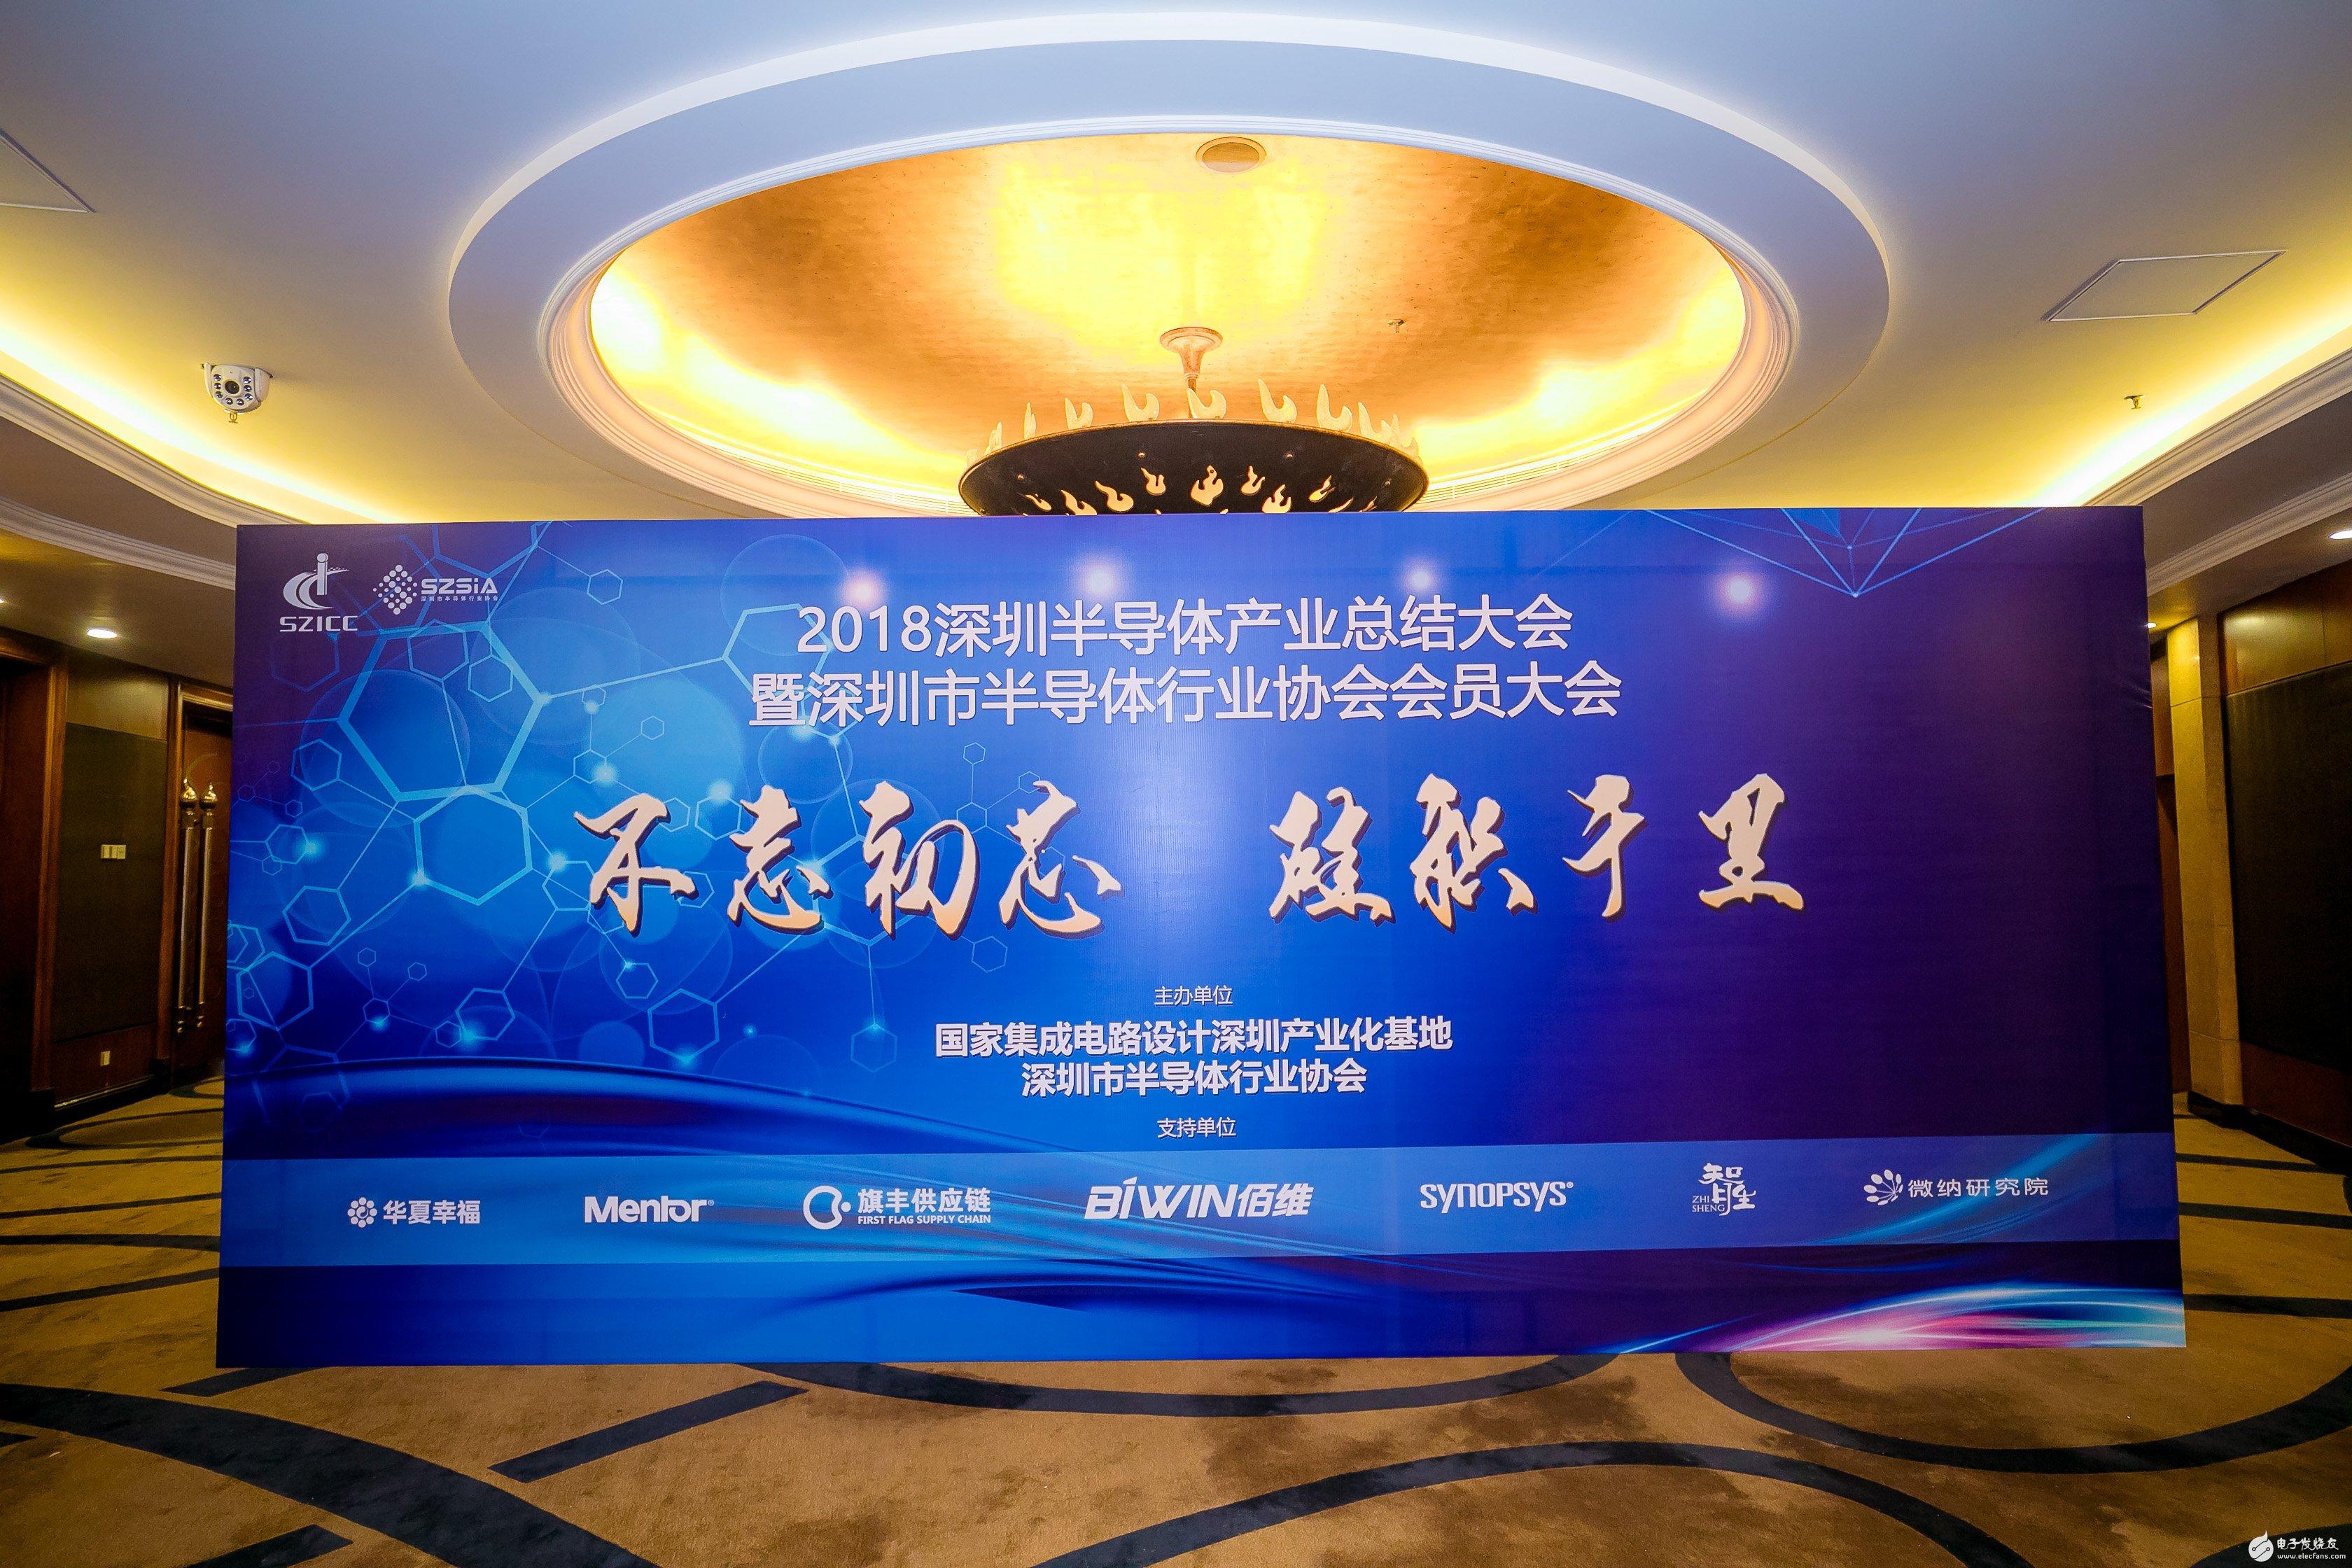 深圳市半导体行业协会存储分会正式宣告成立 将进一步促进我国半导体存储产业的快速发展